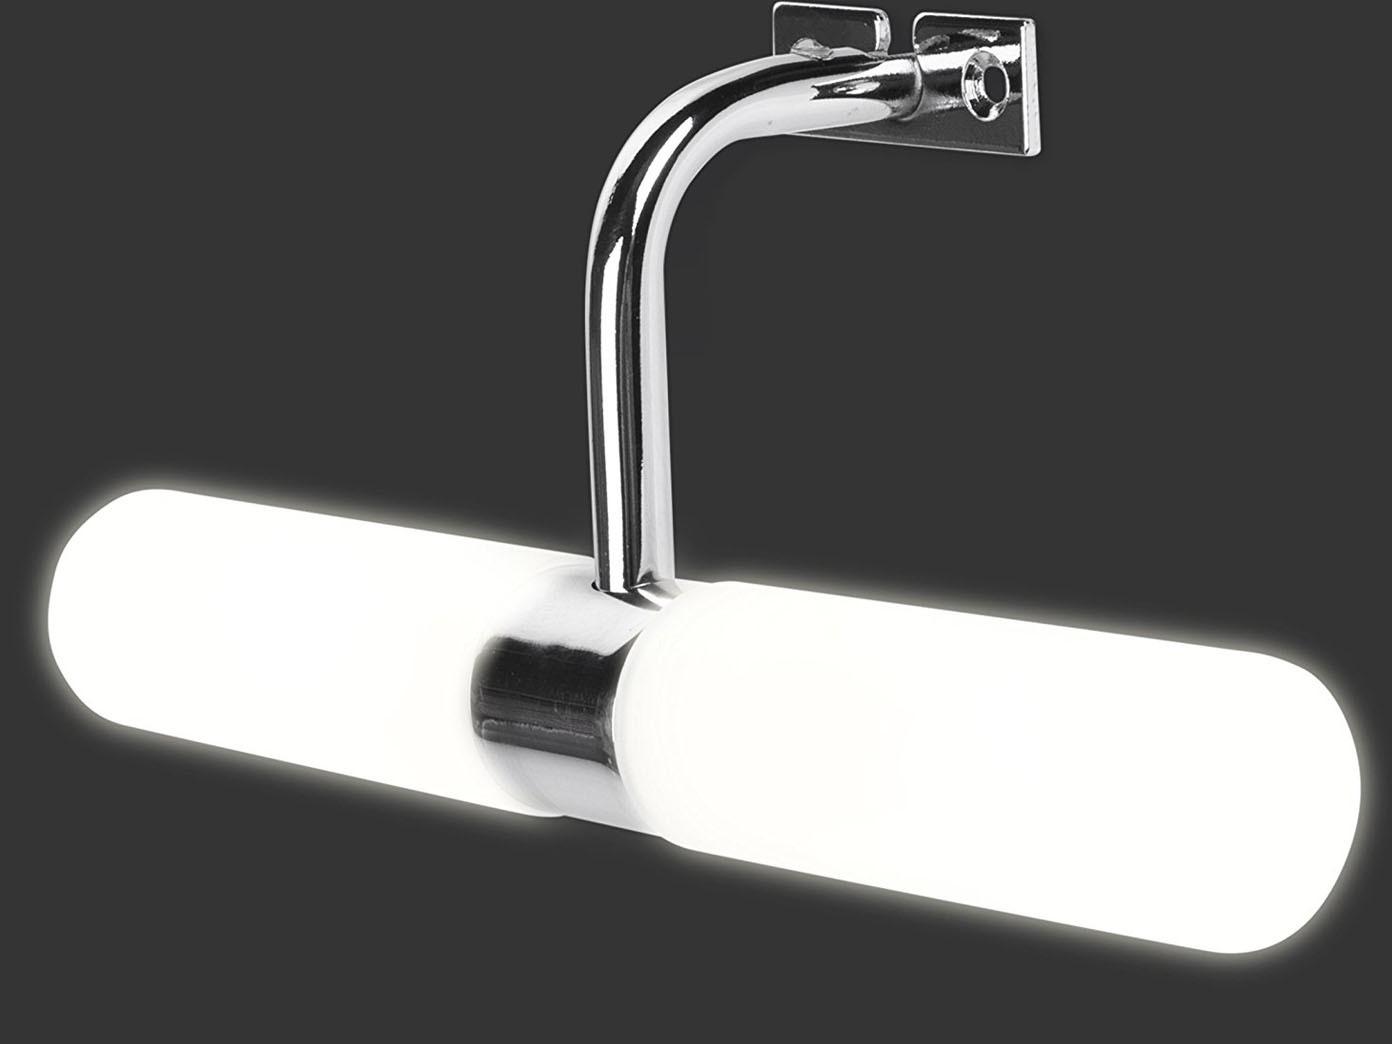 Badleuchte Spiegellampe Wandlampe Lampenschirm Glas